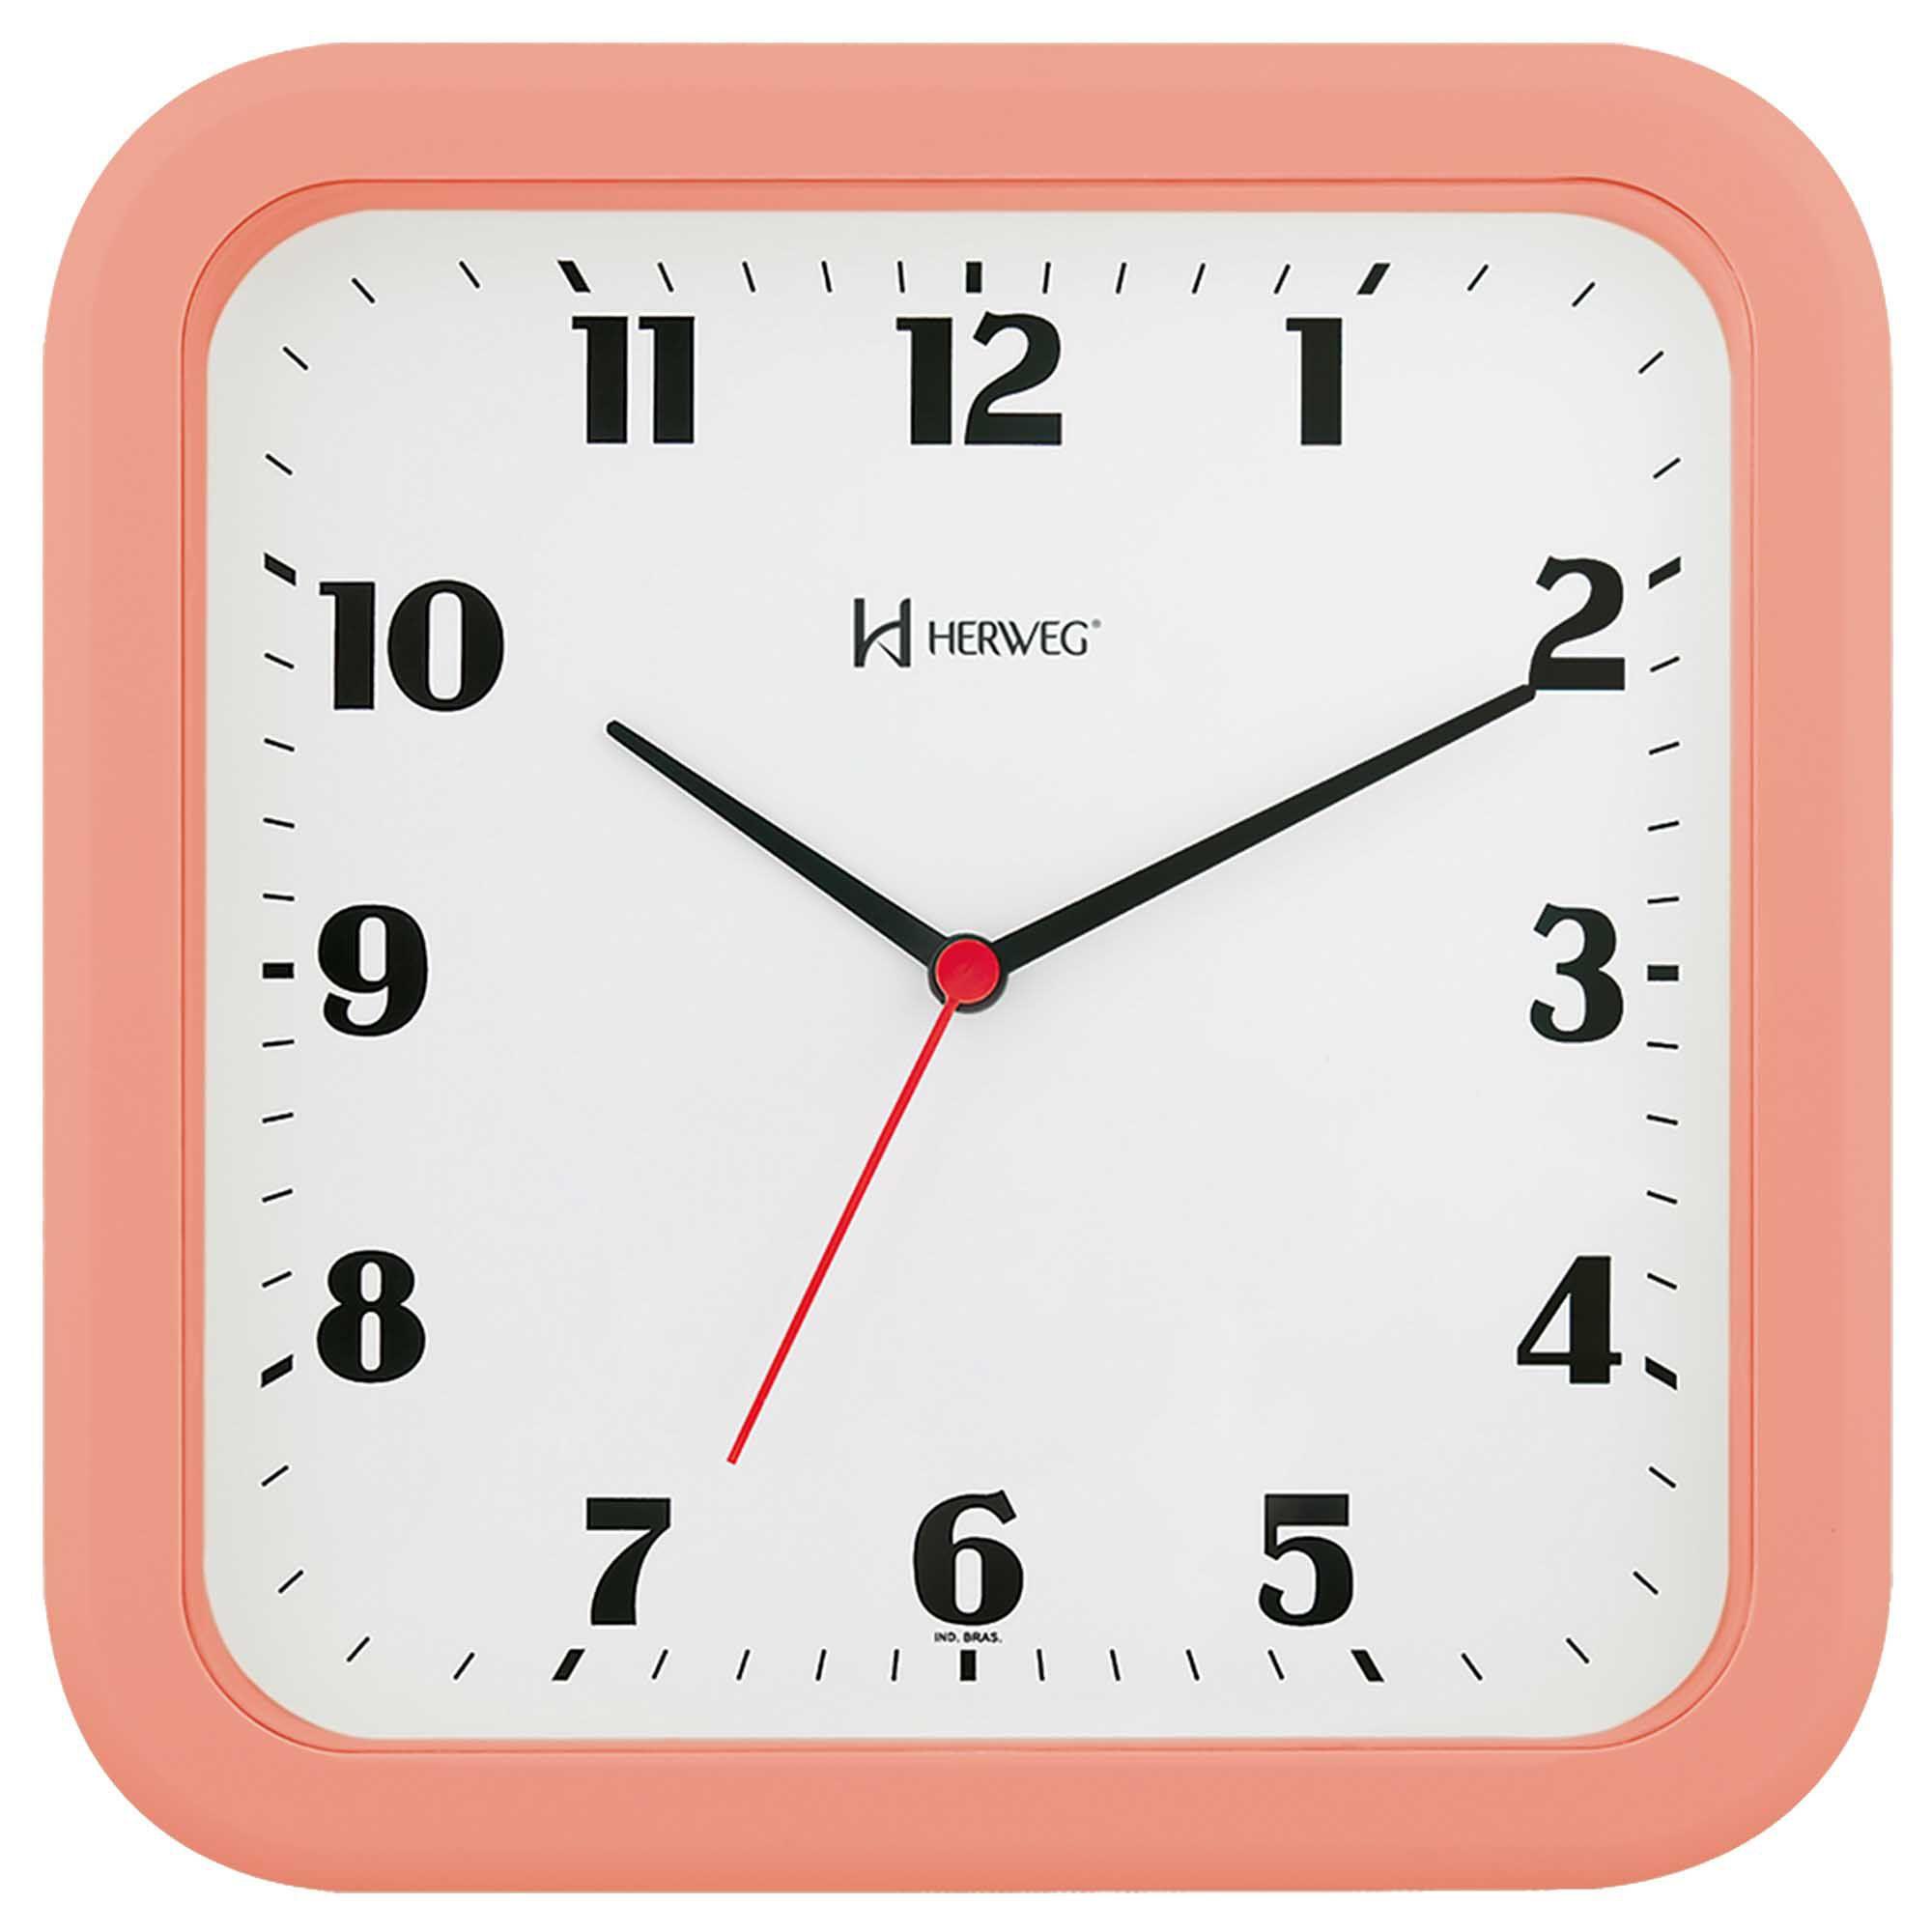 Relógio de Parede Analógico Herweg 6145 313 Salmão